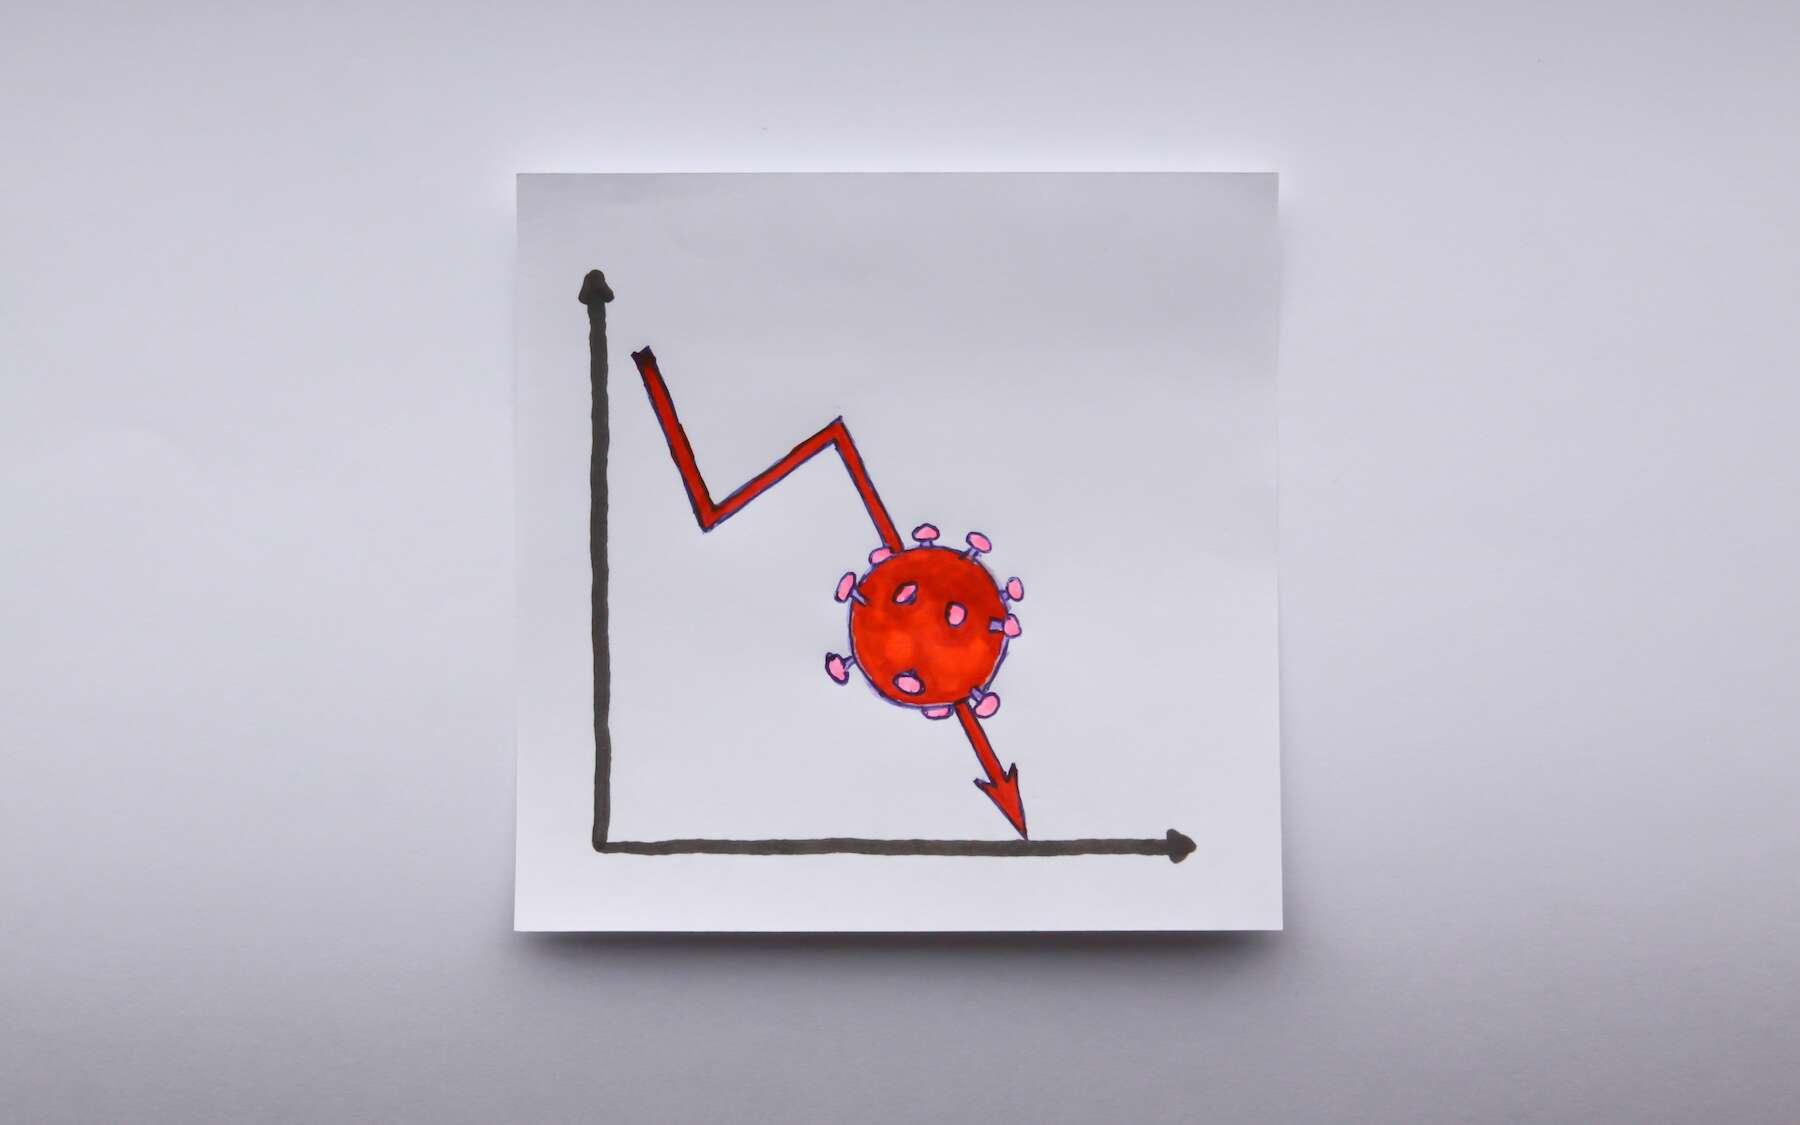 La quatrième vague semble retomber comme un soufflé. © Raul Baldean, Adobe Stock